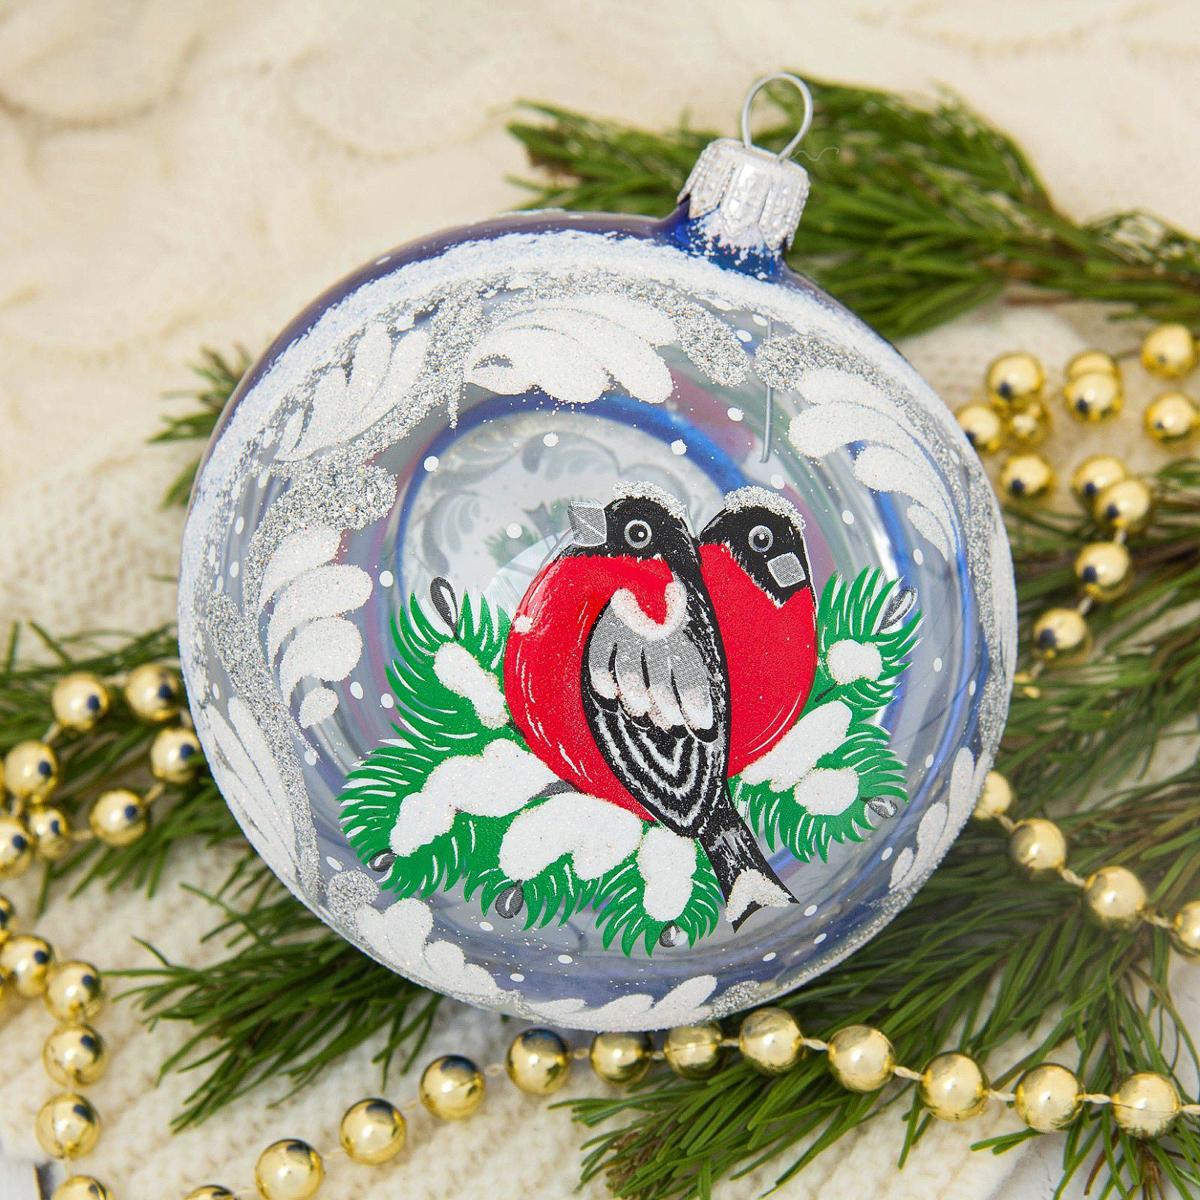 Новогоднее подвесное украшение Ёлочка Зимняя ветка, диаметр 9,5 см1721469Новогоднее подвесное украшение Ёлочка отлично подойдет для декорации вашего дома и новогодней ели. Новогоднее украшение можно повесить в любом понравившемся вам месте. Но, конечно, удачнее всего оно будет смотреться на праздничной елке.Елочная игрушка - символ Нового года. Она несет в себе волшебство и красоту праздника. Такое украшение создаст в вашем доме атмосферу праздника, веселья и радости.